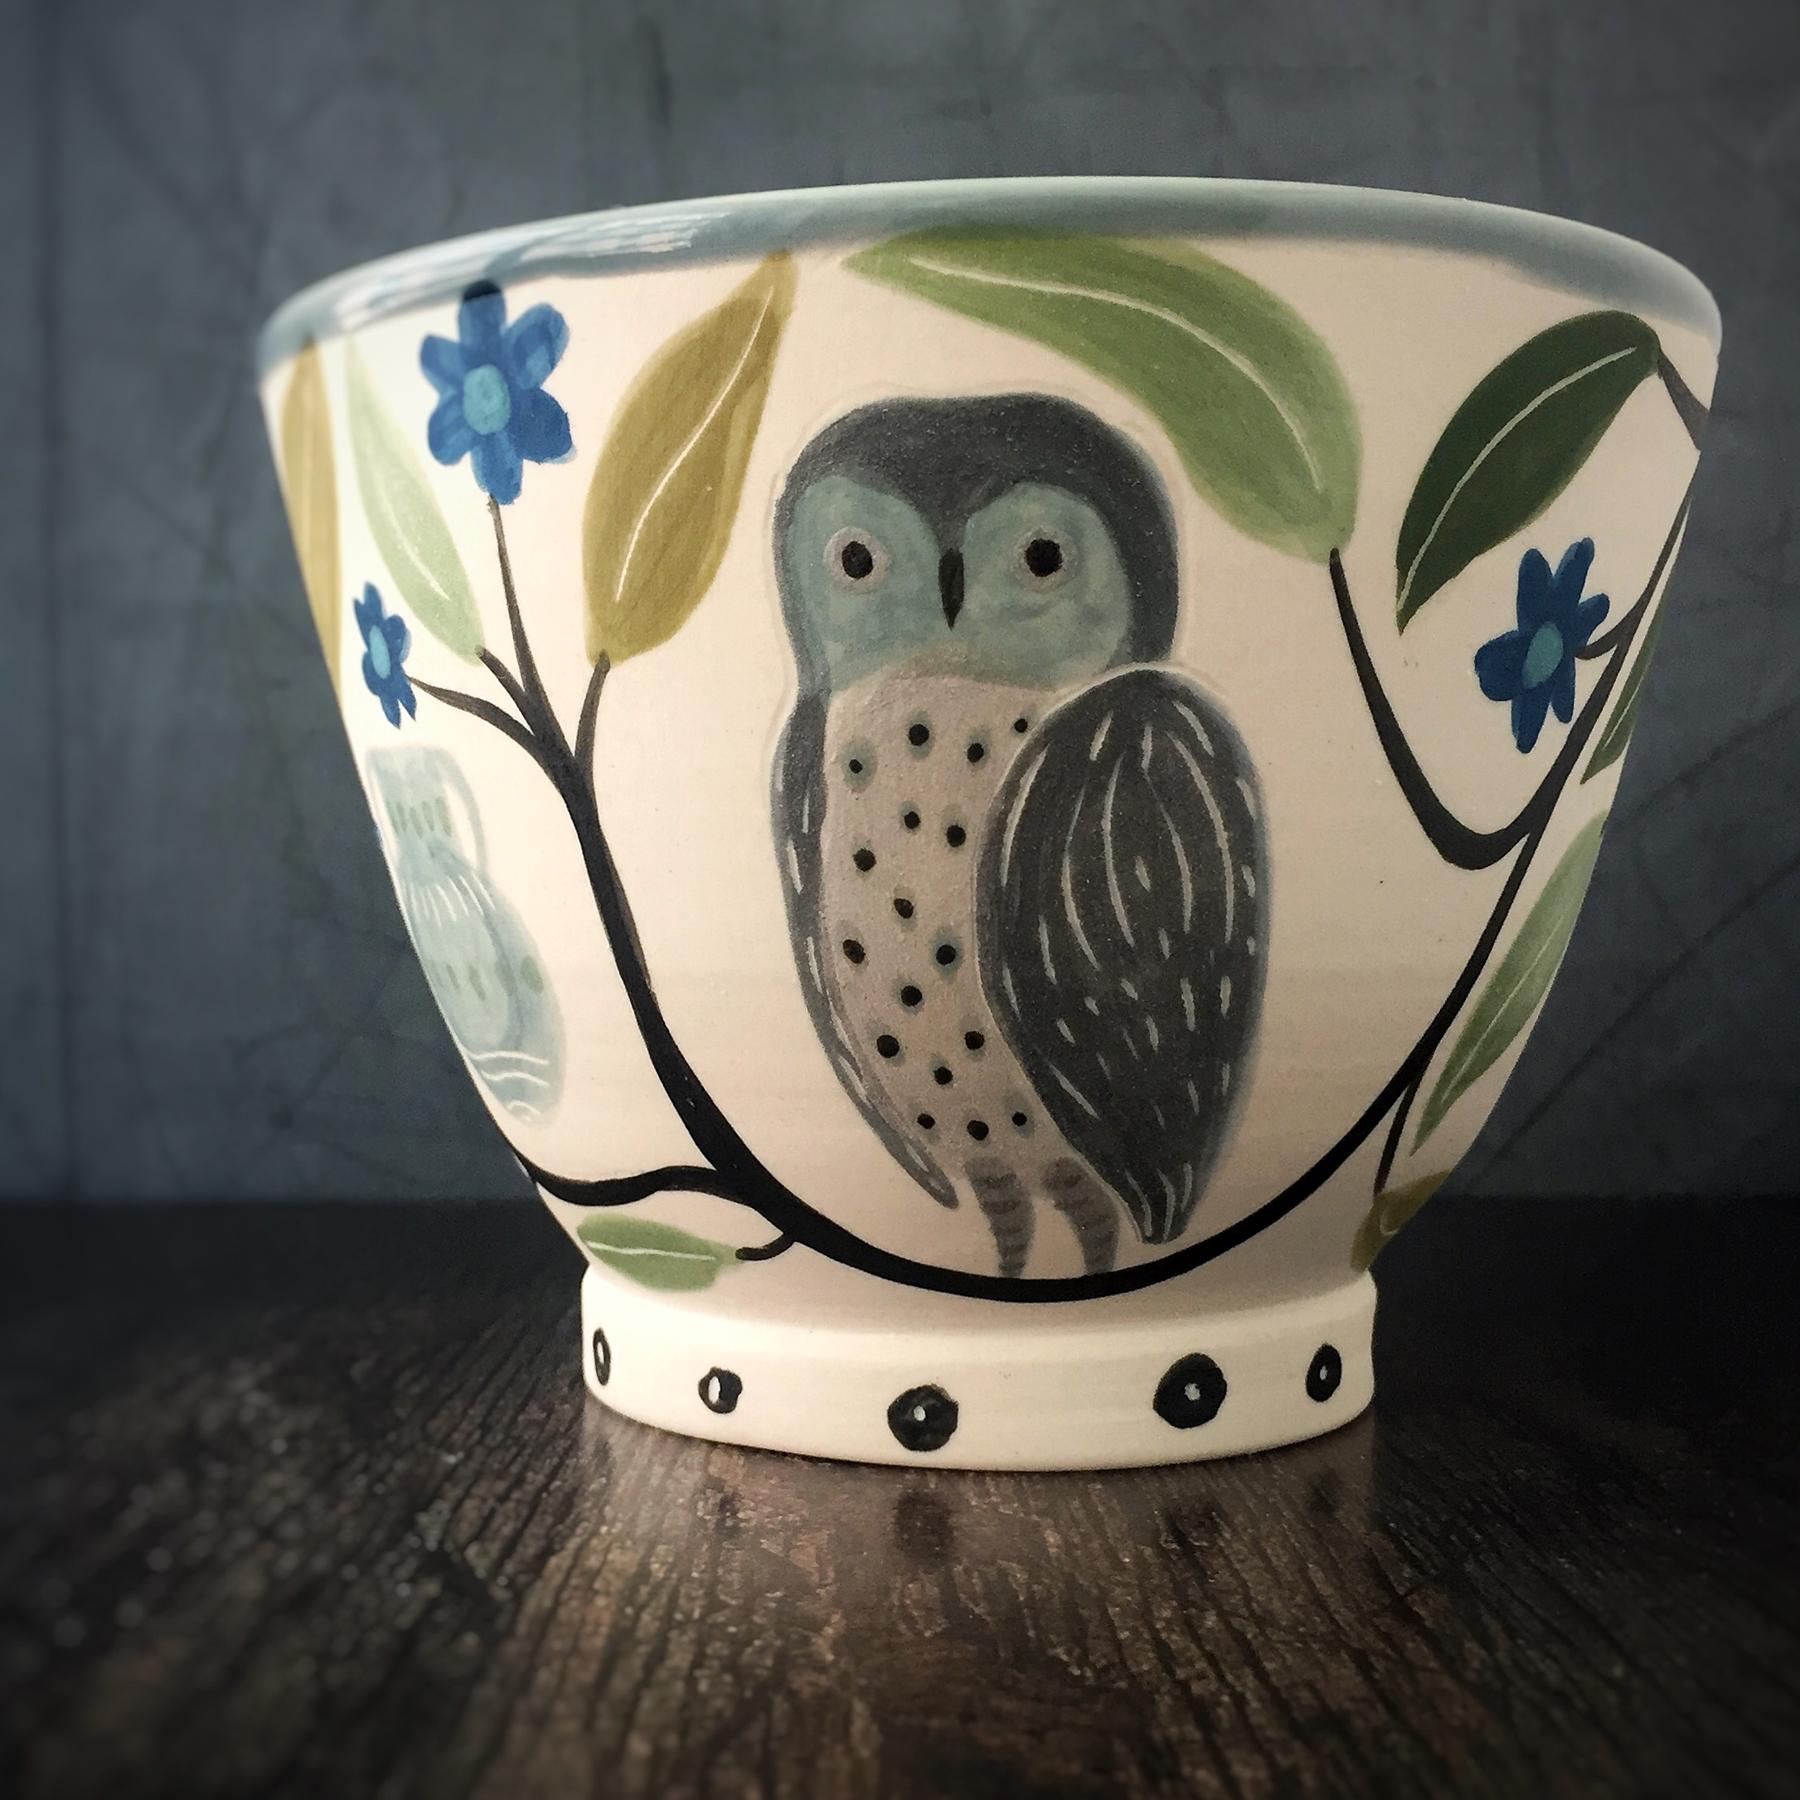 9-Gabrielle_Schaffner_coffee-bowl-owl-travel-daydreams1.jpg